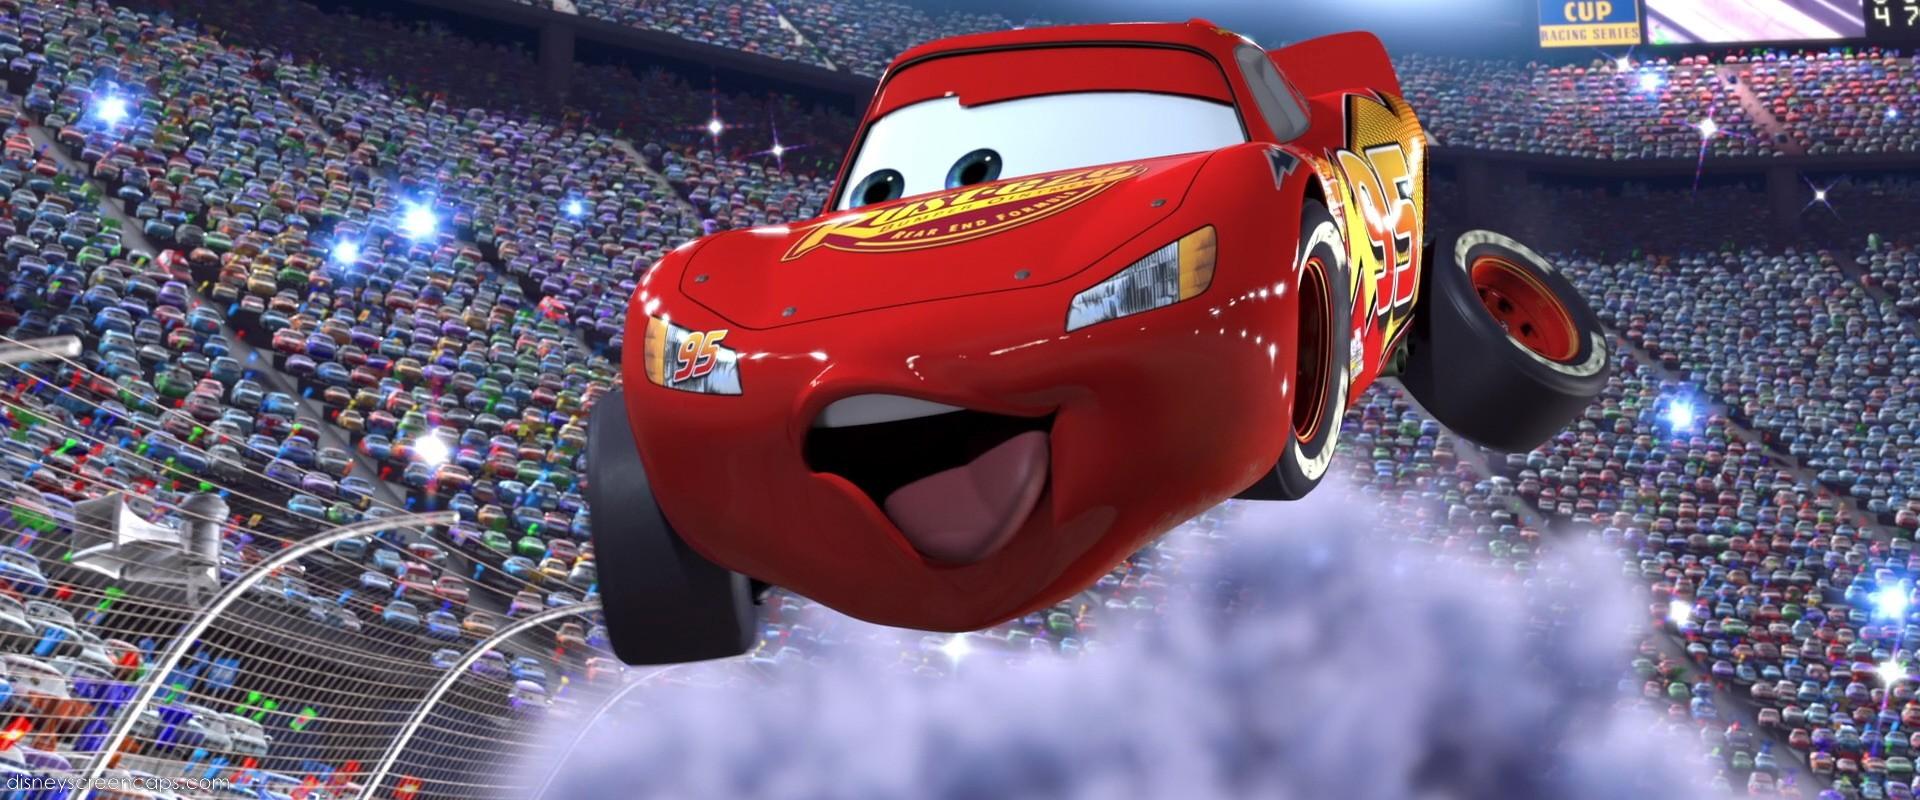 Real Gone Pixar Wiki Fandom Powered By Wikia